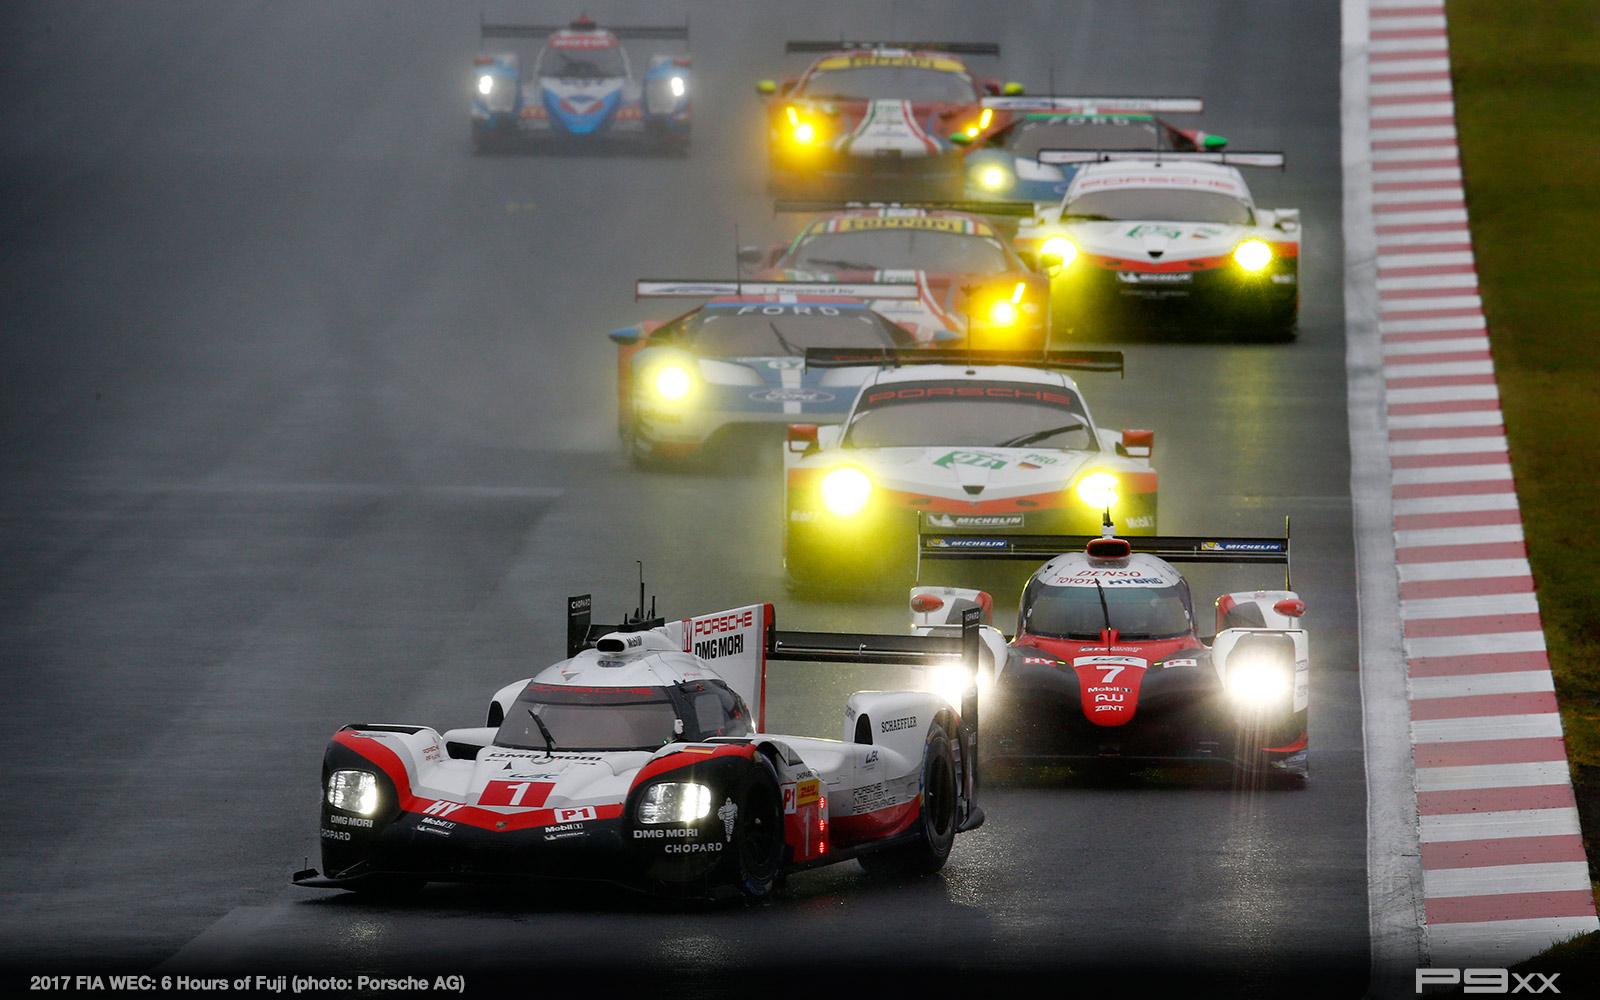 2017-FIA-WEC-6h-of-Fuji-Porsche-450